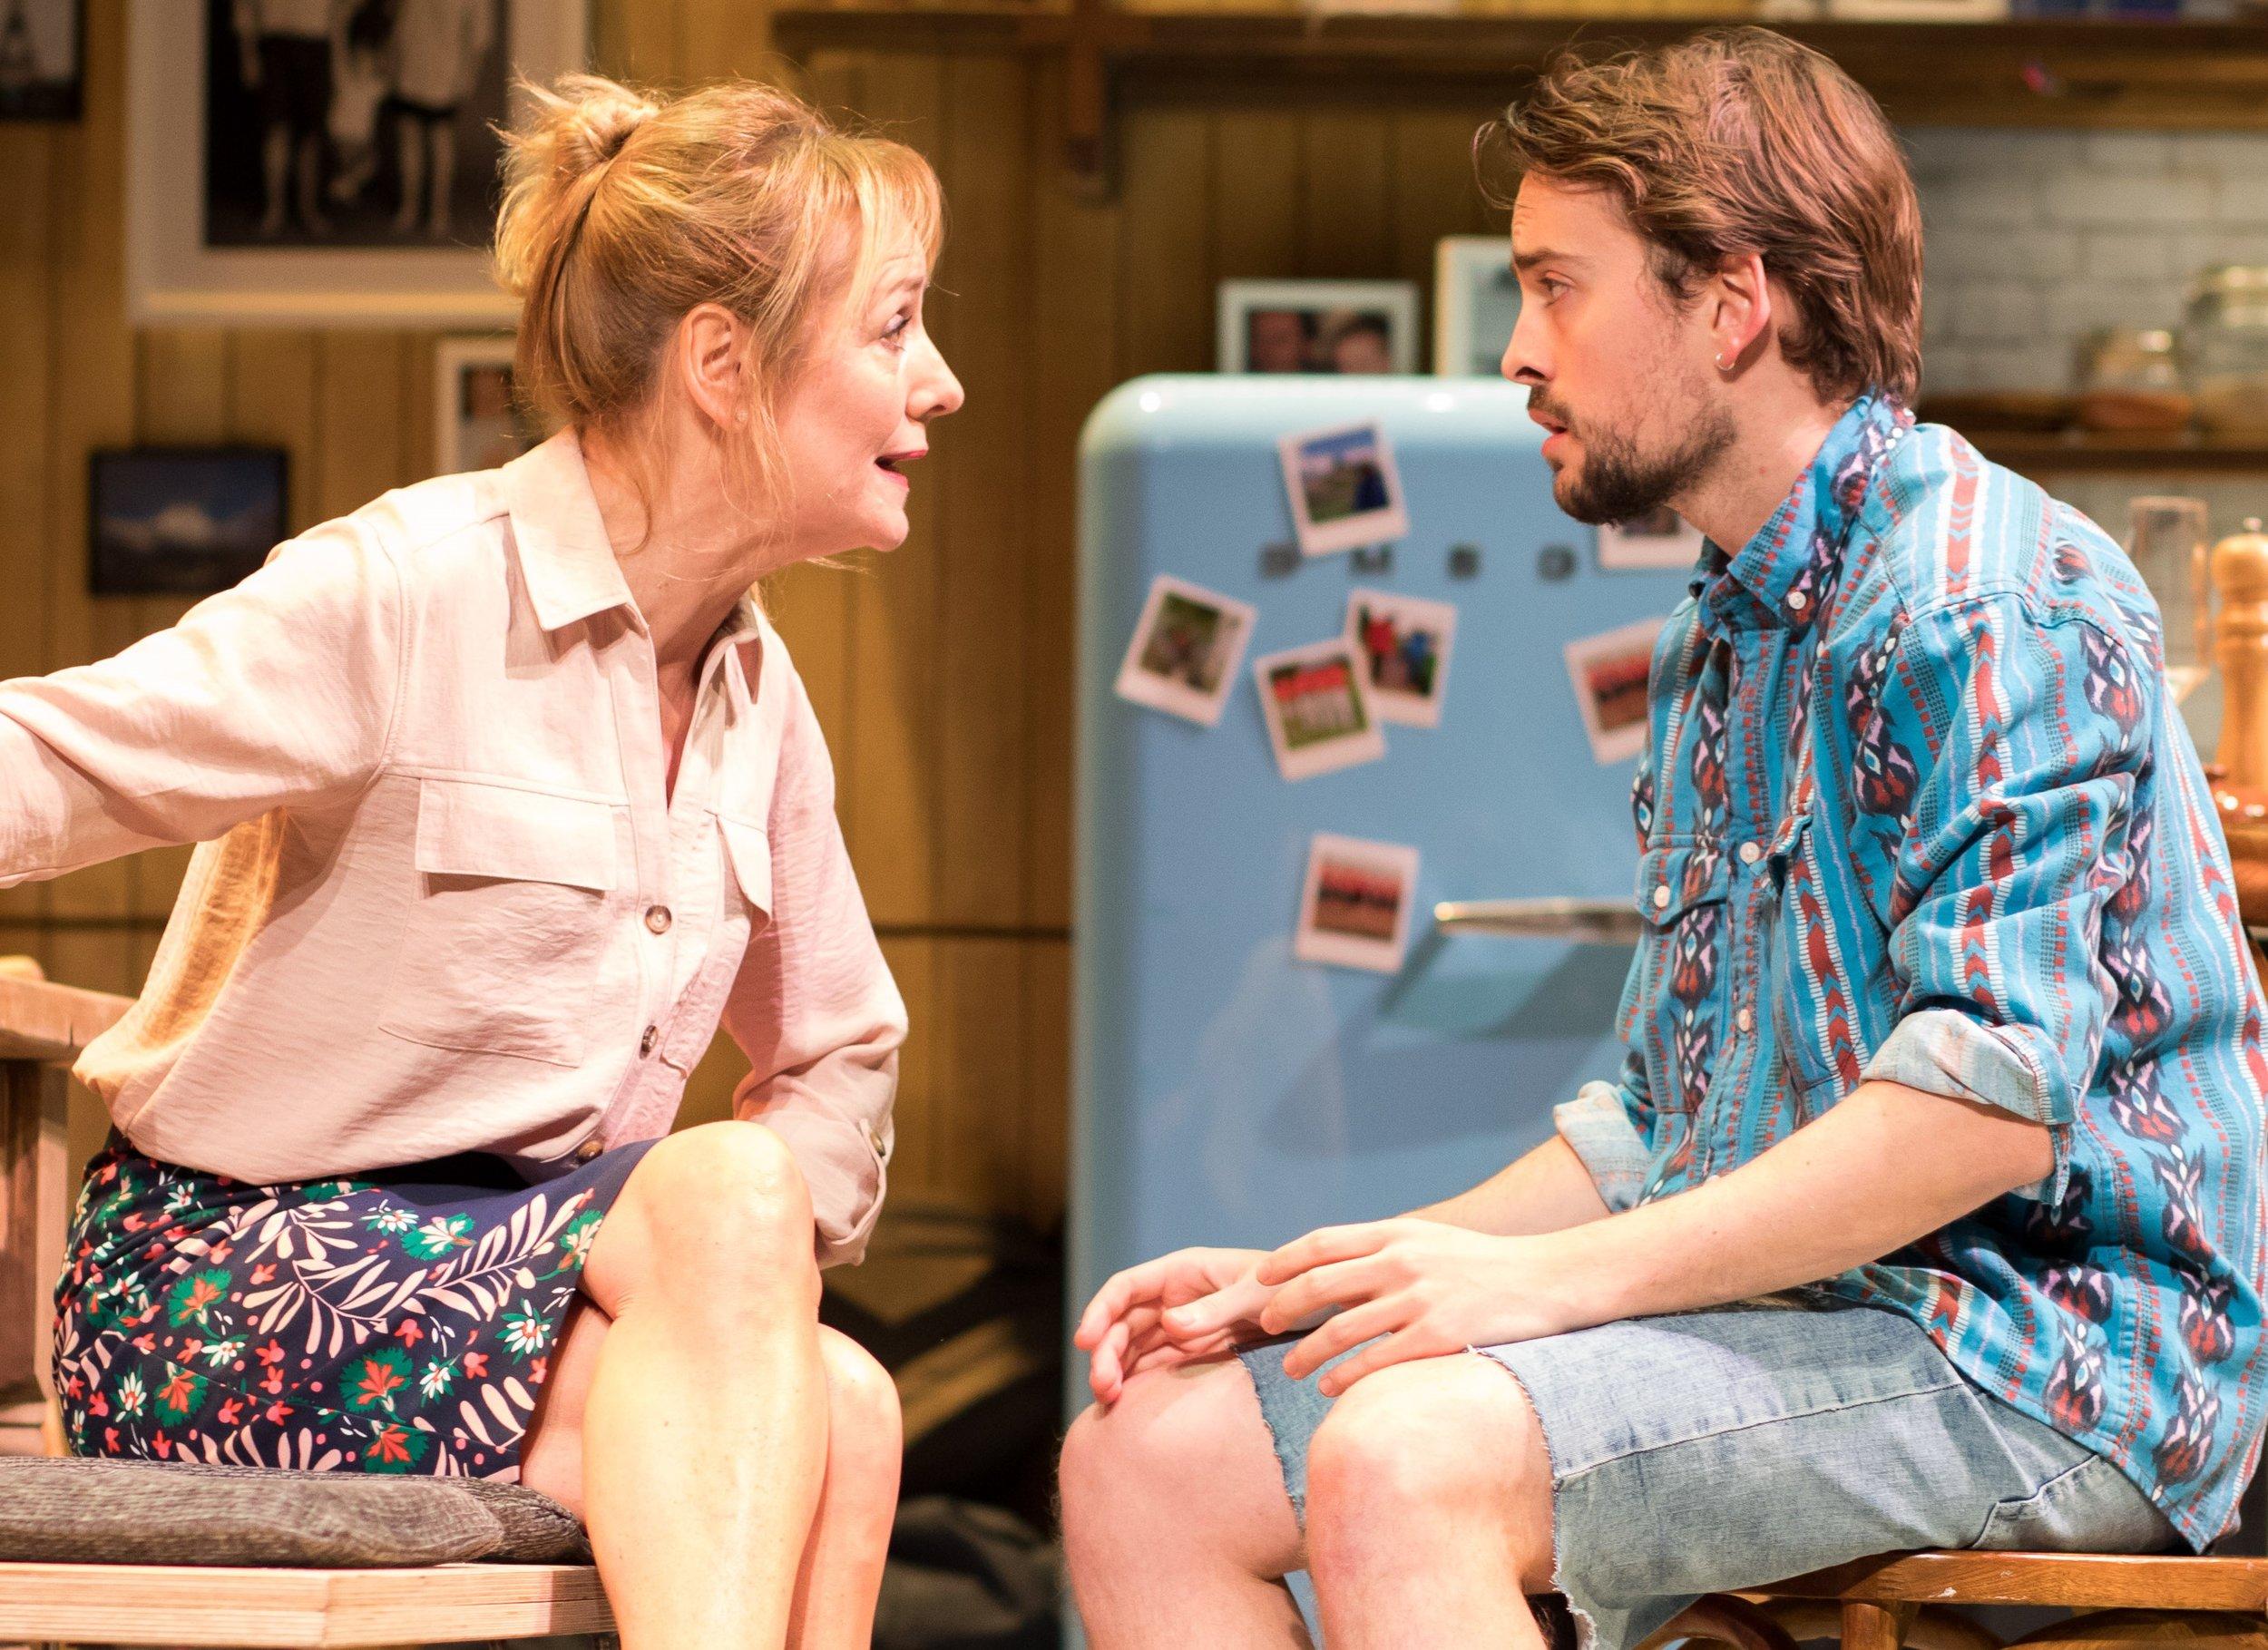 Caroline (Caroline Langrishe) speaks with son Leo (Tom England) in Caroline's Kitchen. Photographs by Sam Taylor.